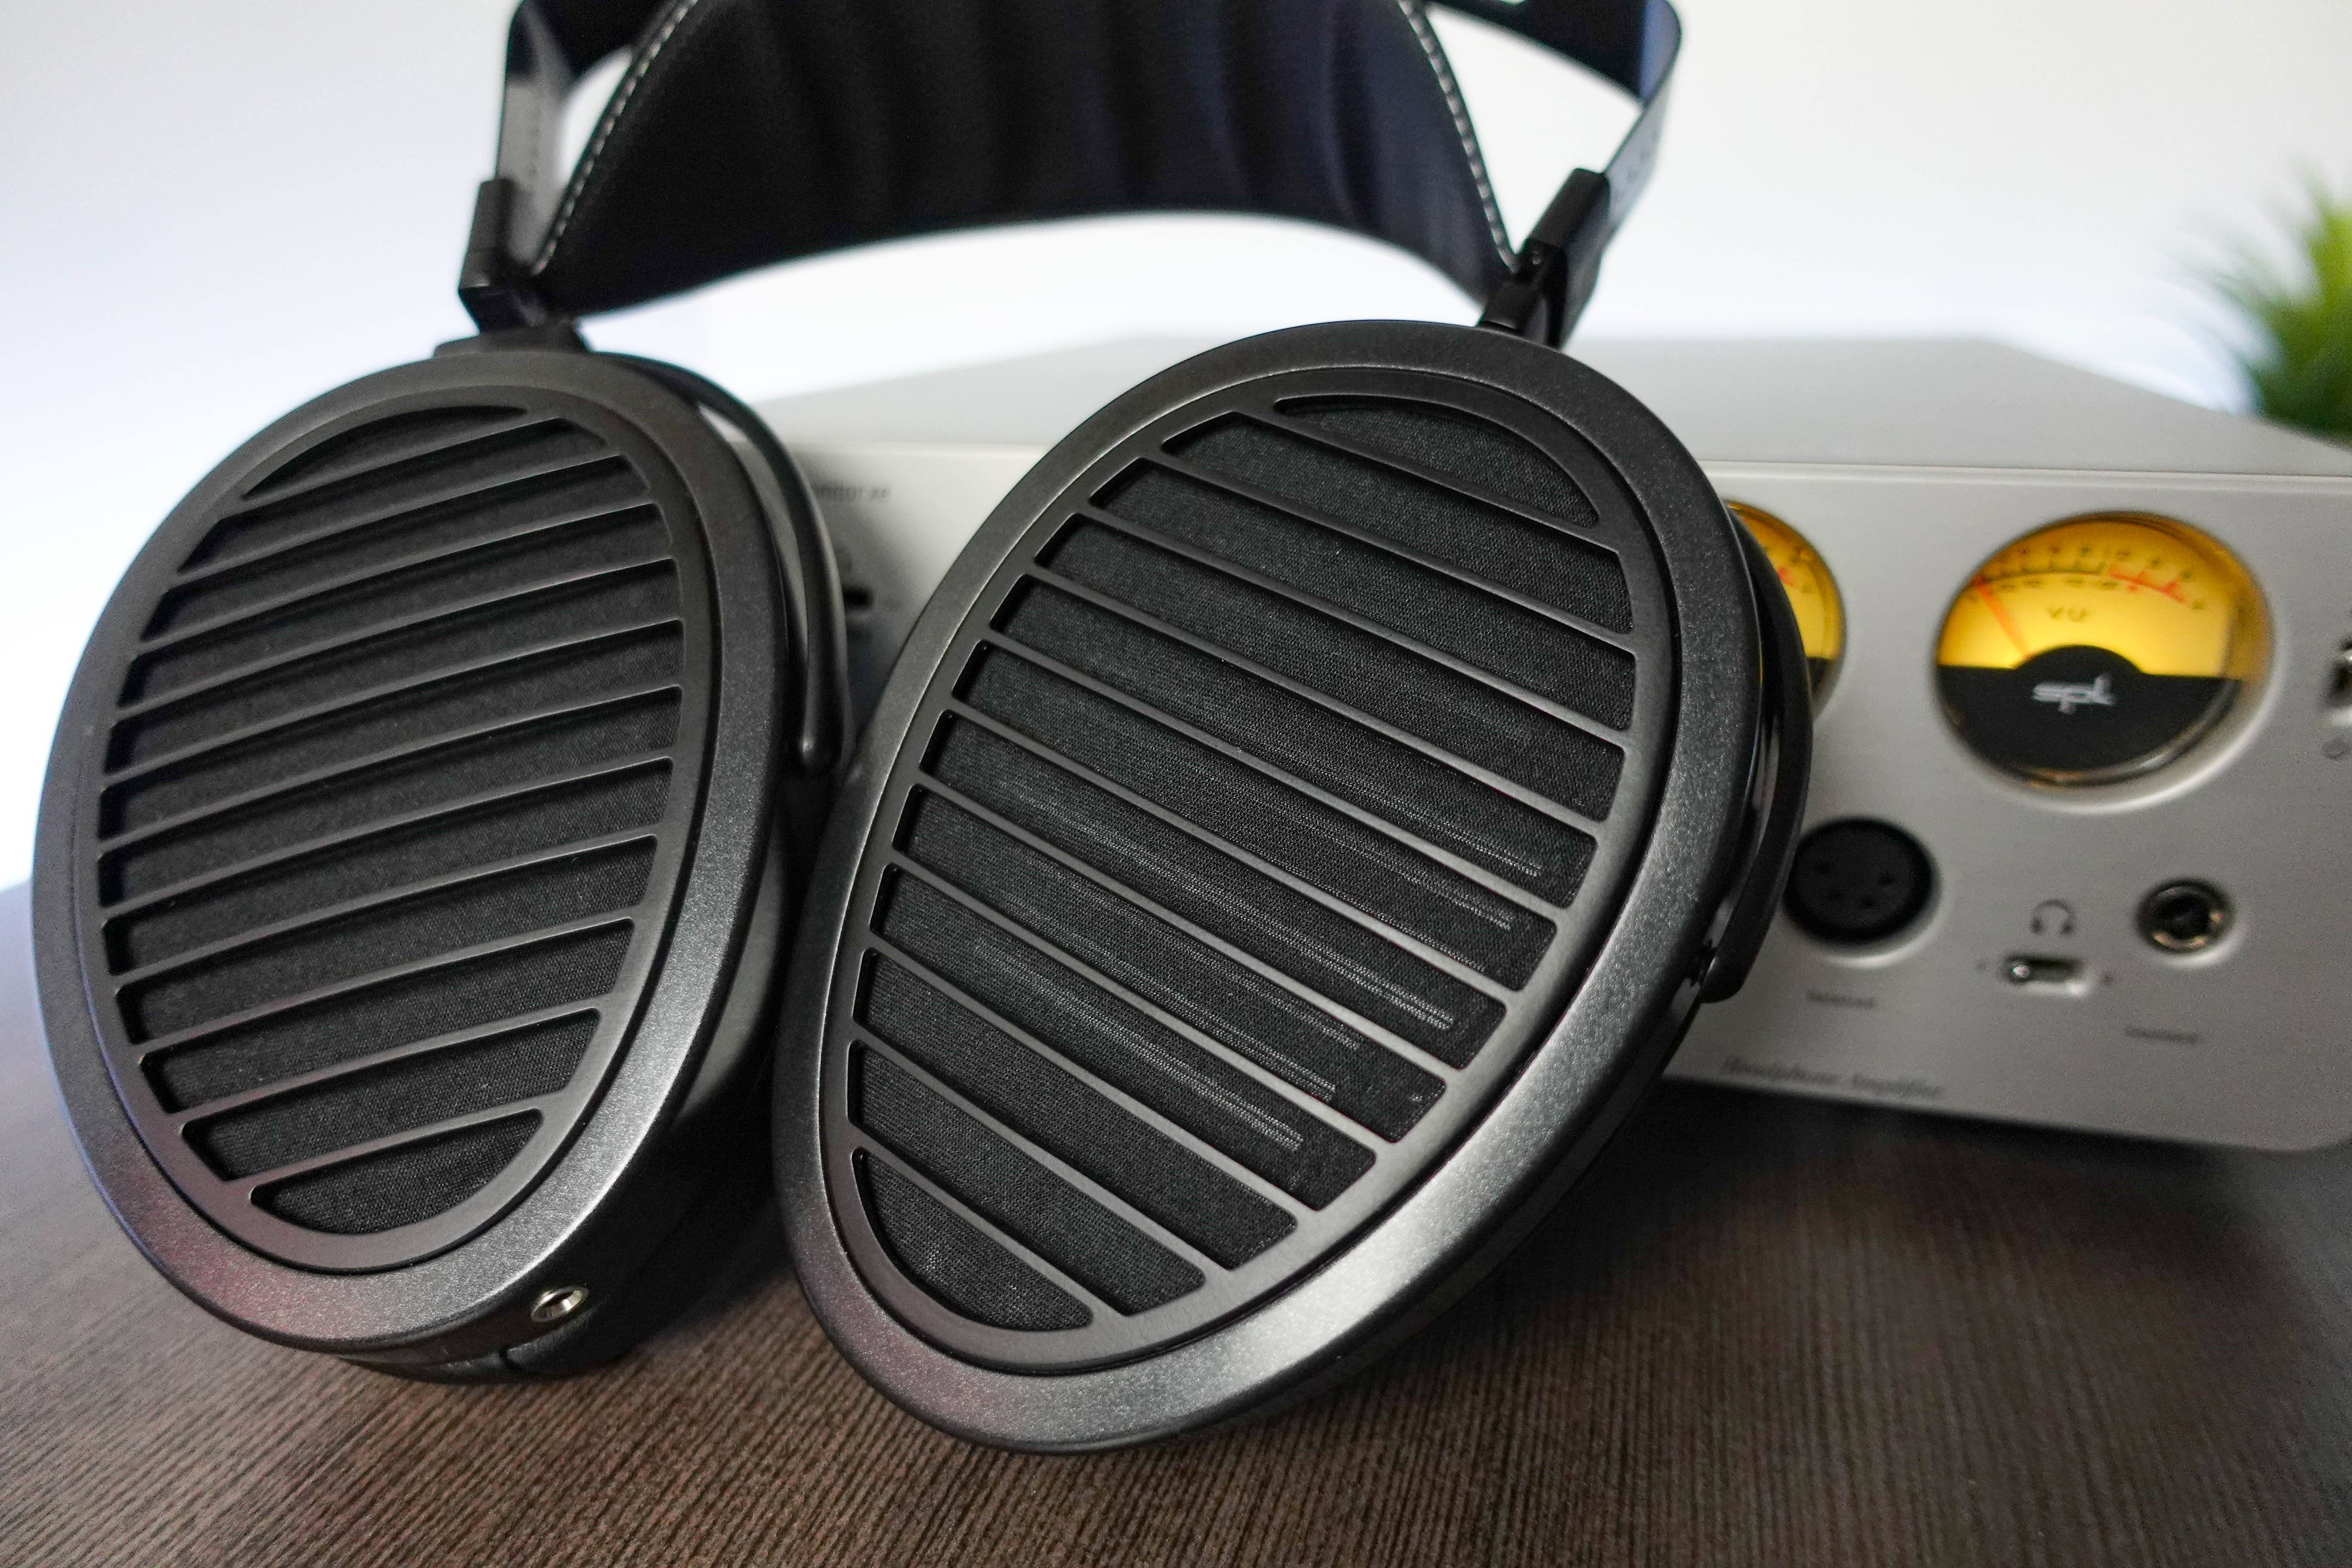 HiFiMAN Arya Review - Benchmark Planar Magnetic Headphones